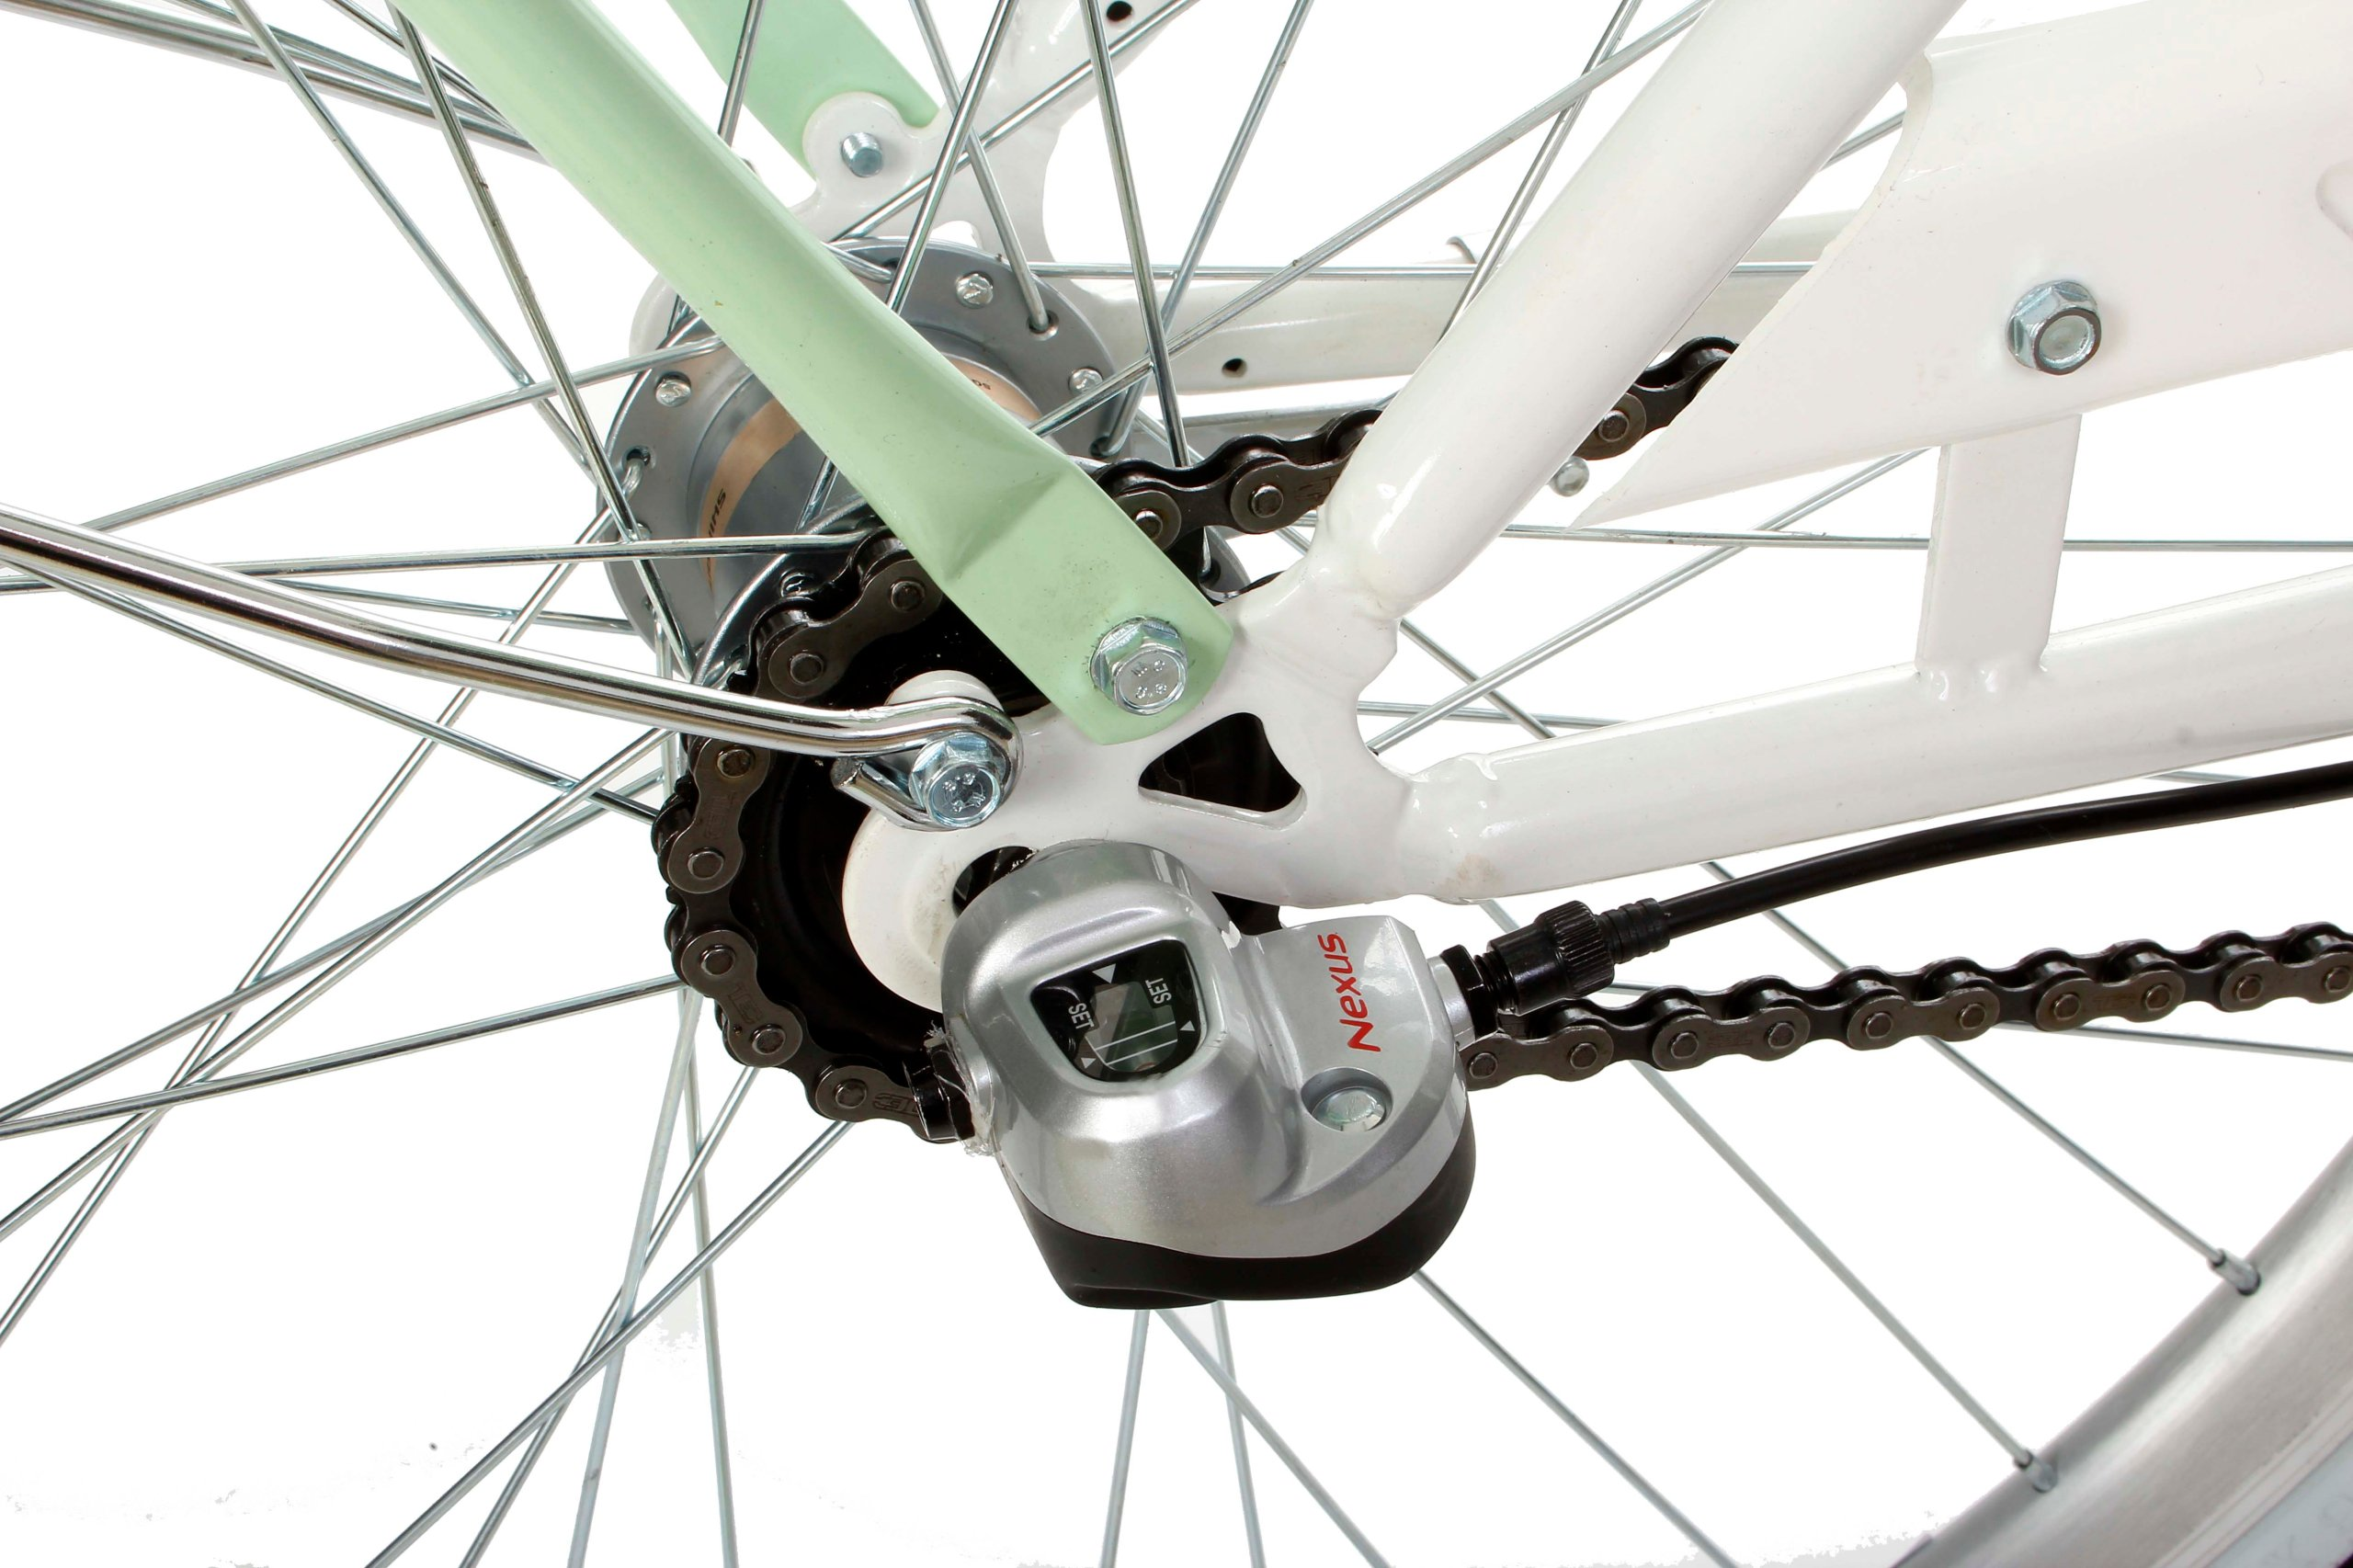 Dámsky mestský bicykel Goetze BLUEBERRY 26 3b košík!  Dodatočná kompletácia, stojan, blatníky, kôš, noha, kryt reťaze